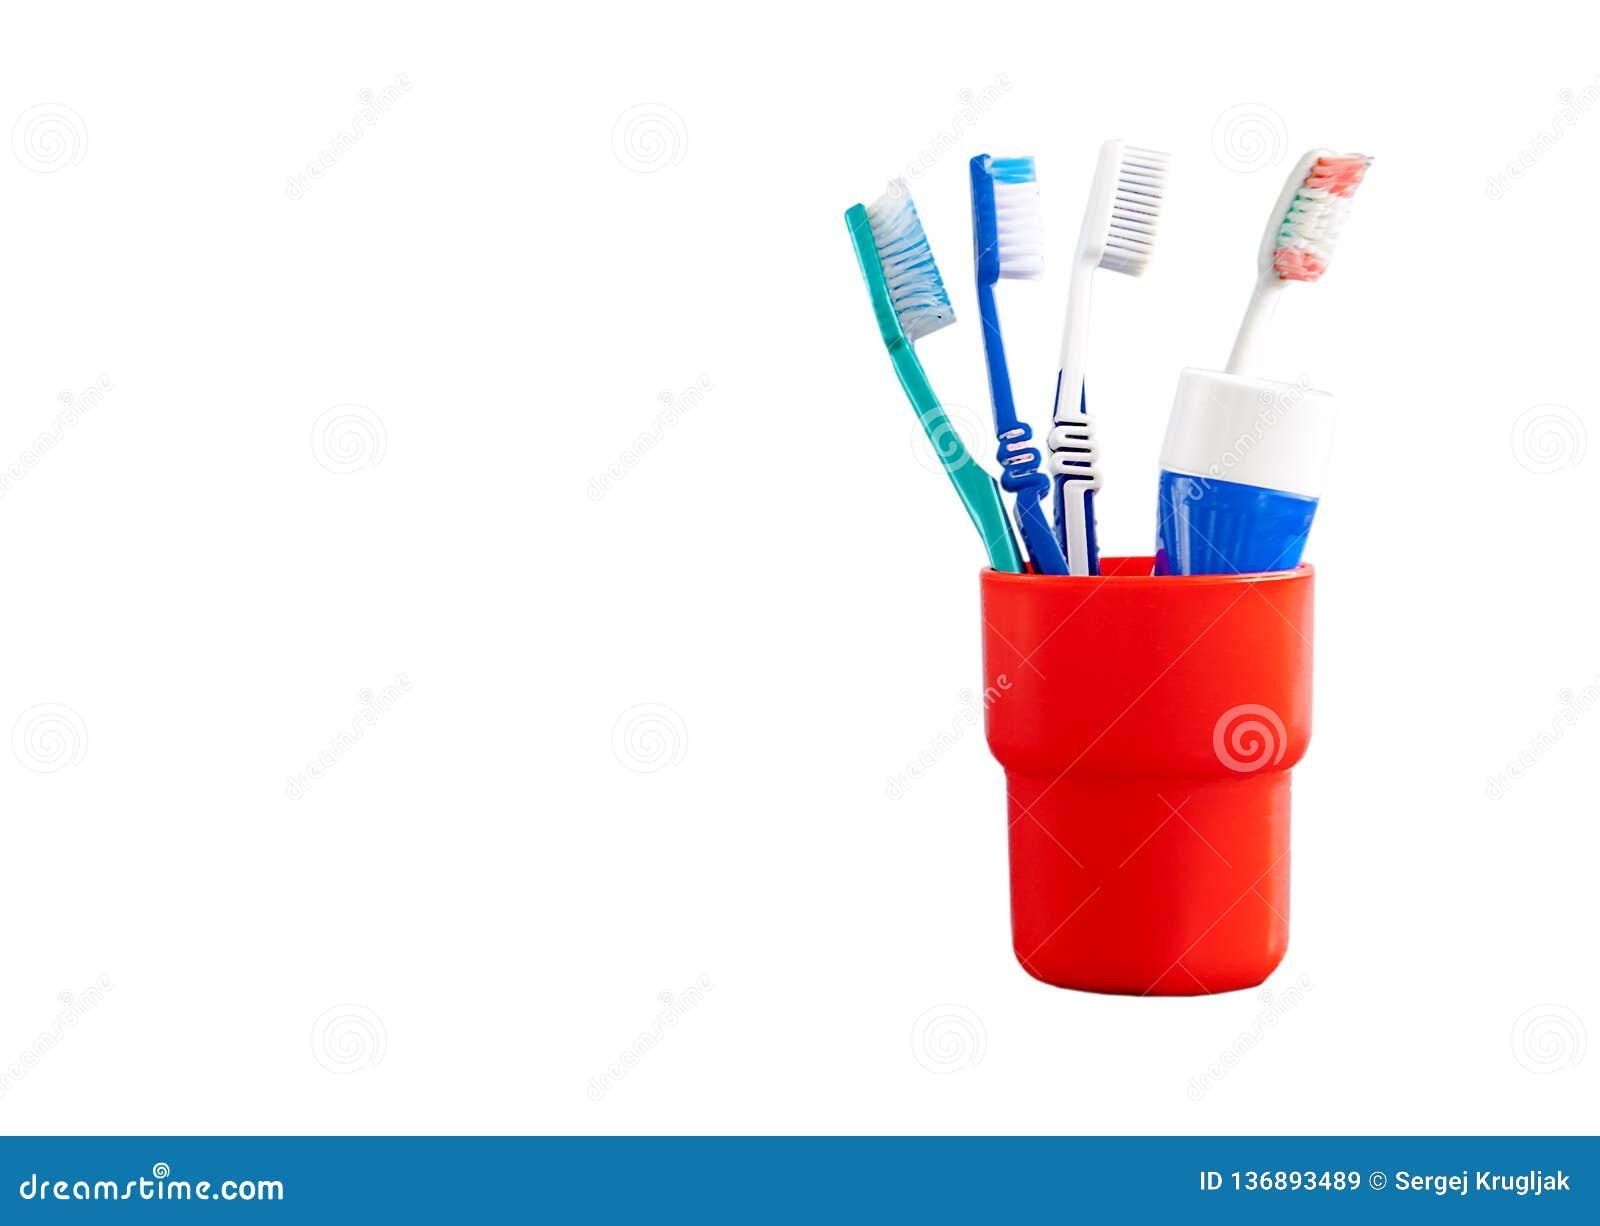 Primer de cepillos de dientes plásticos rojos y azules en una taza roja en un concepto dental del fondo blanco